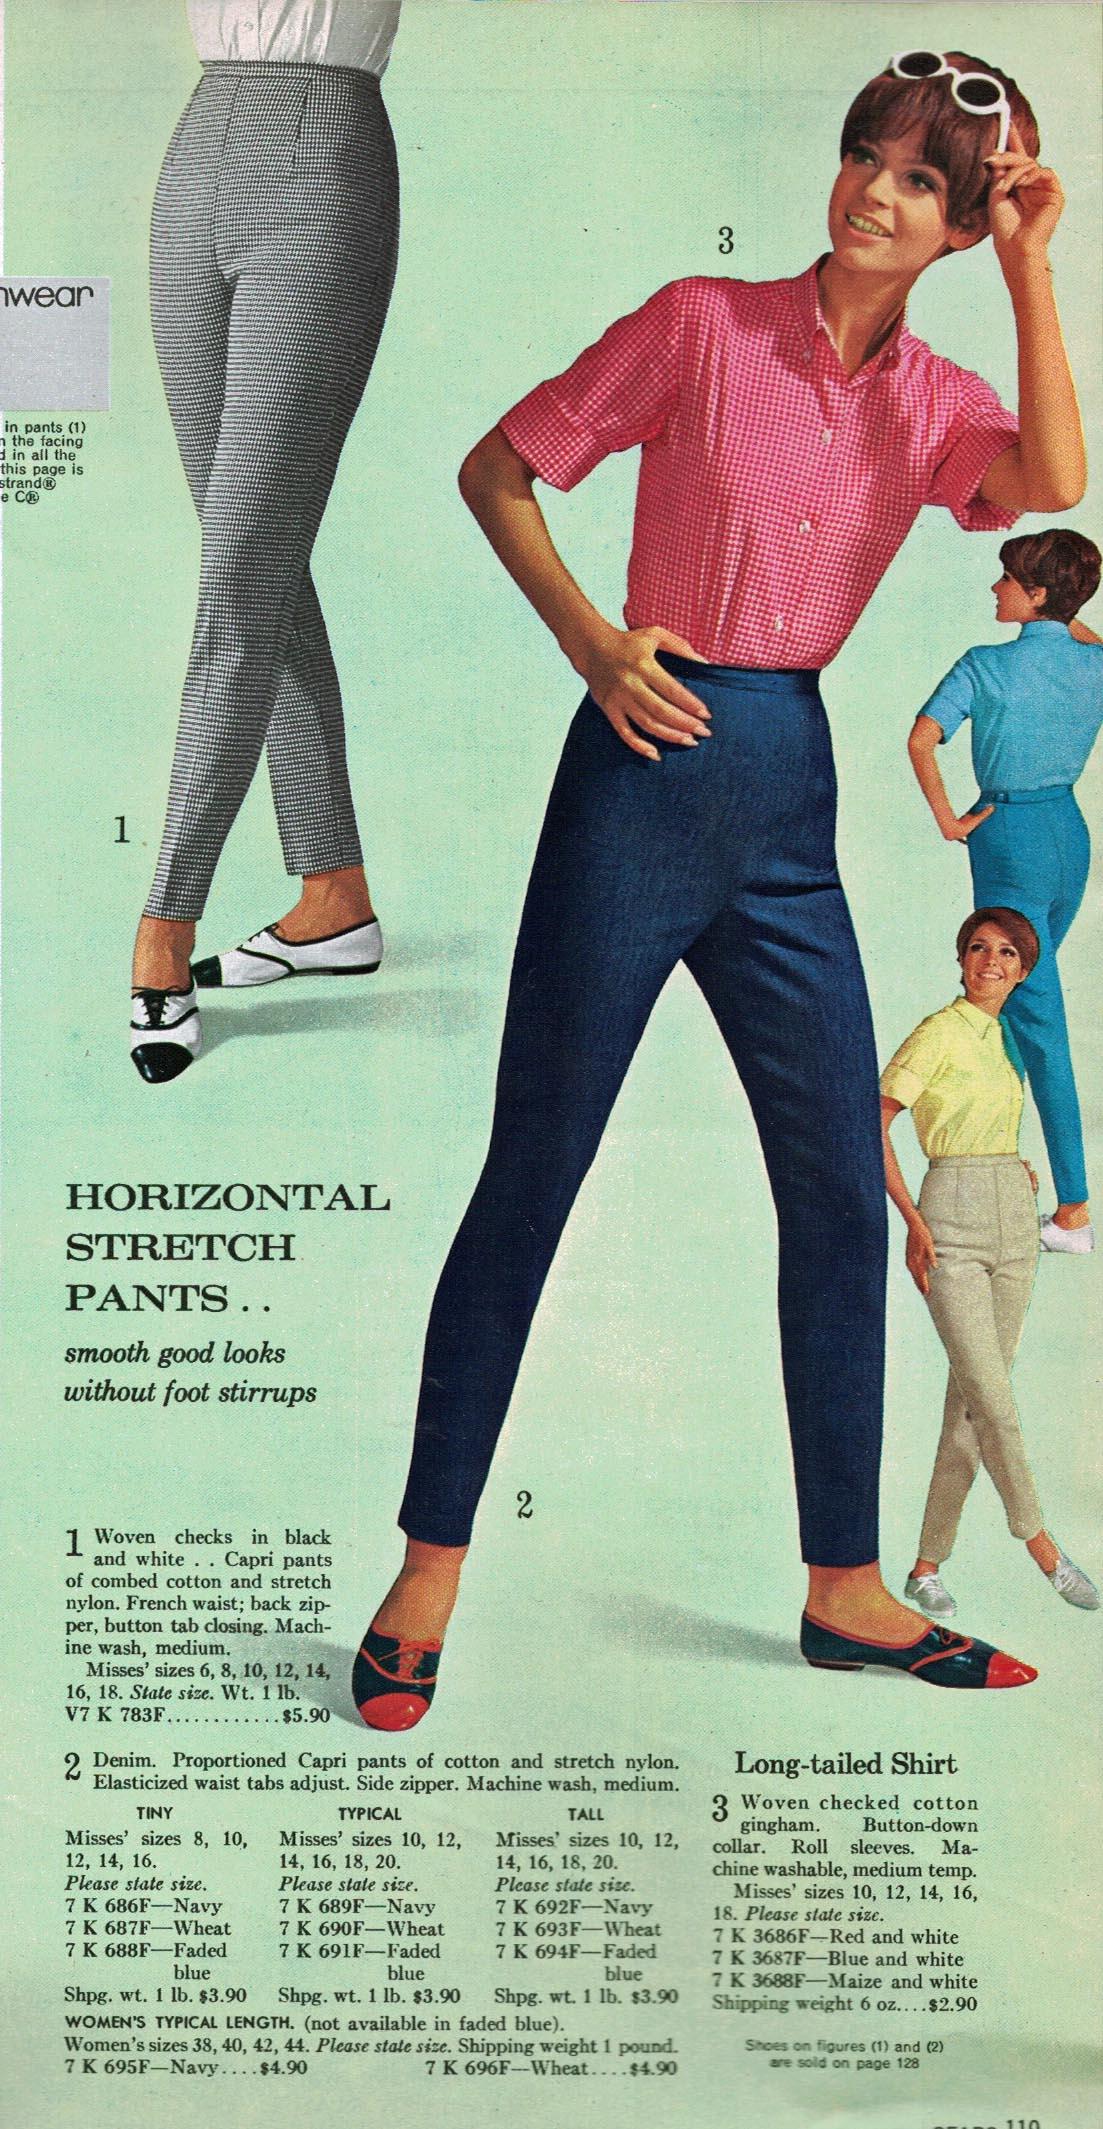 Sears catalog, Spring/Summer 1966